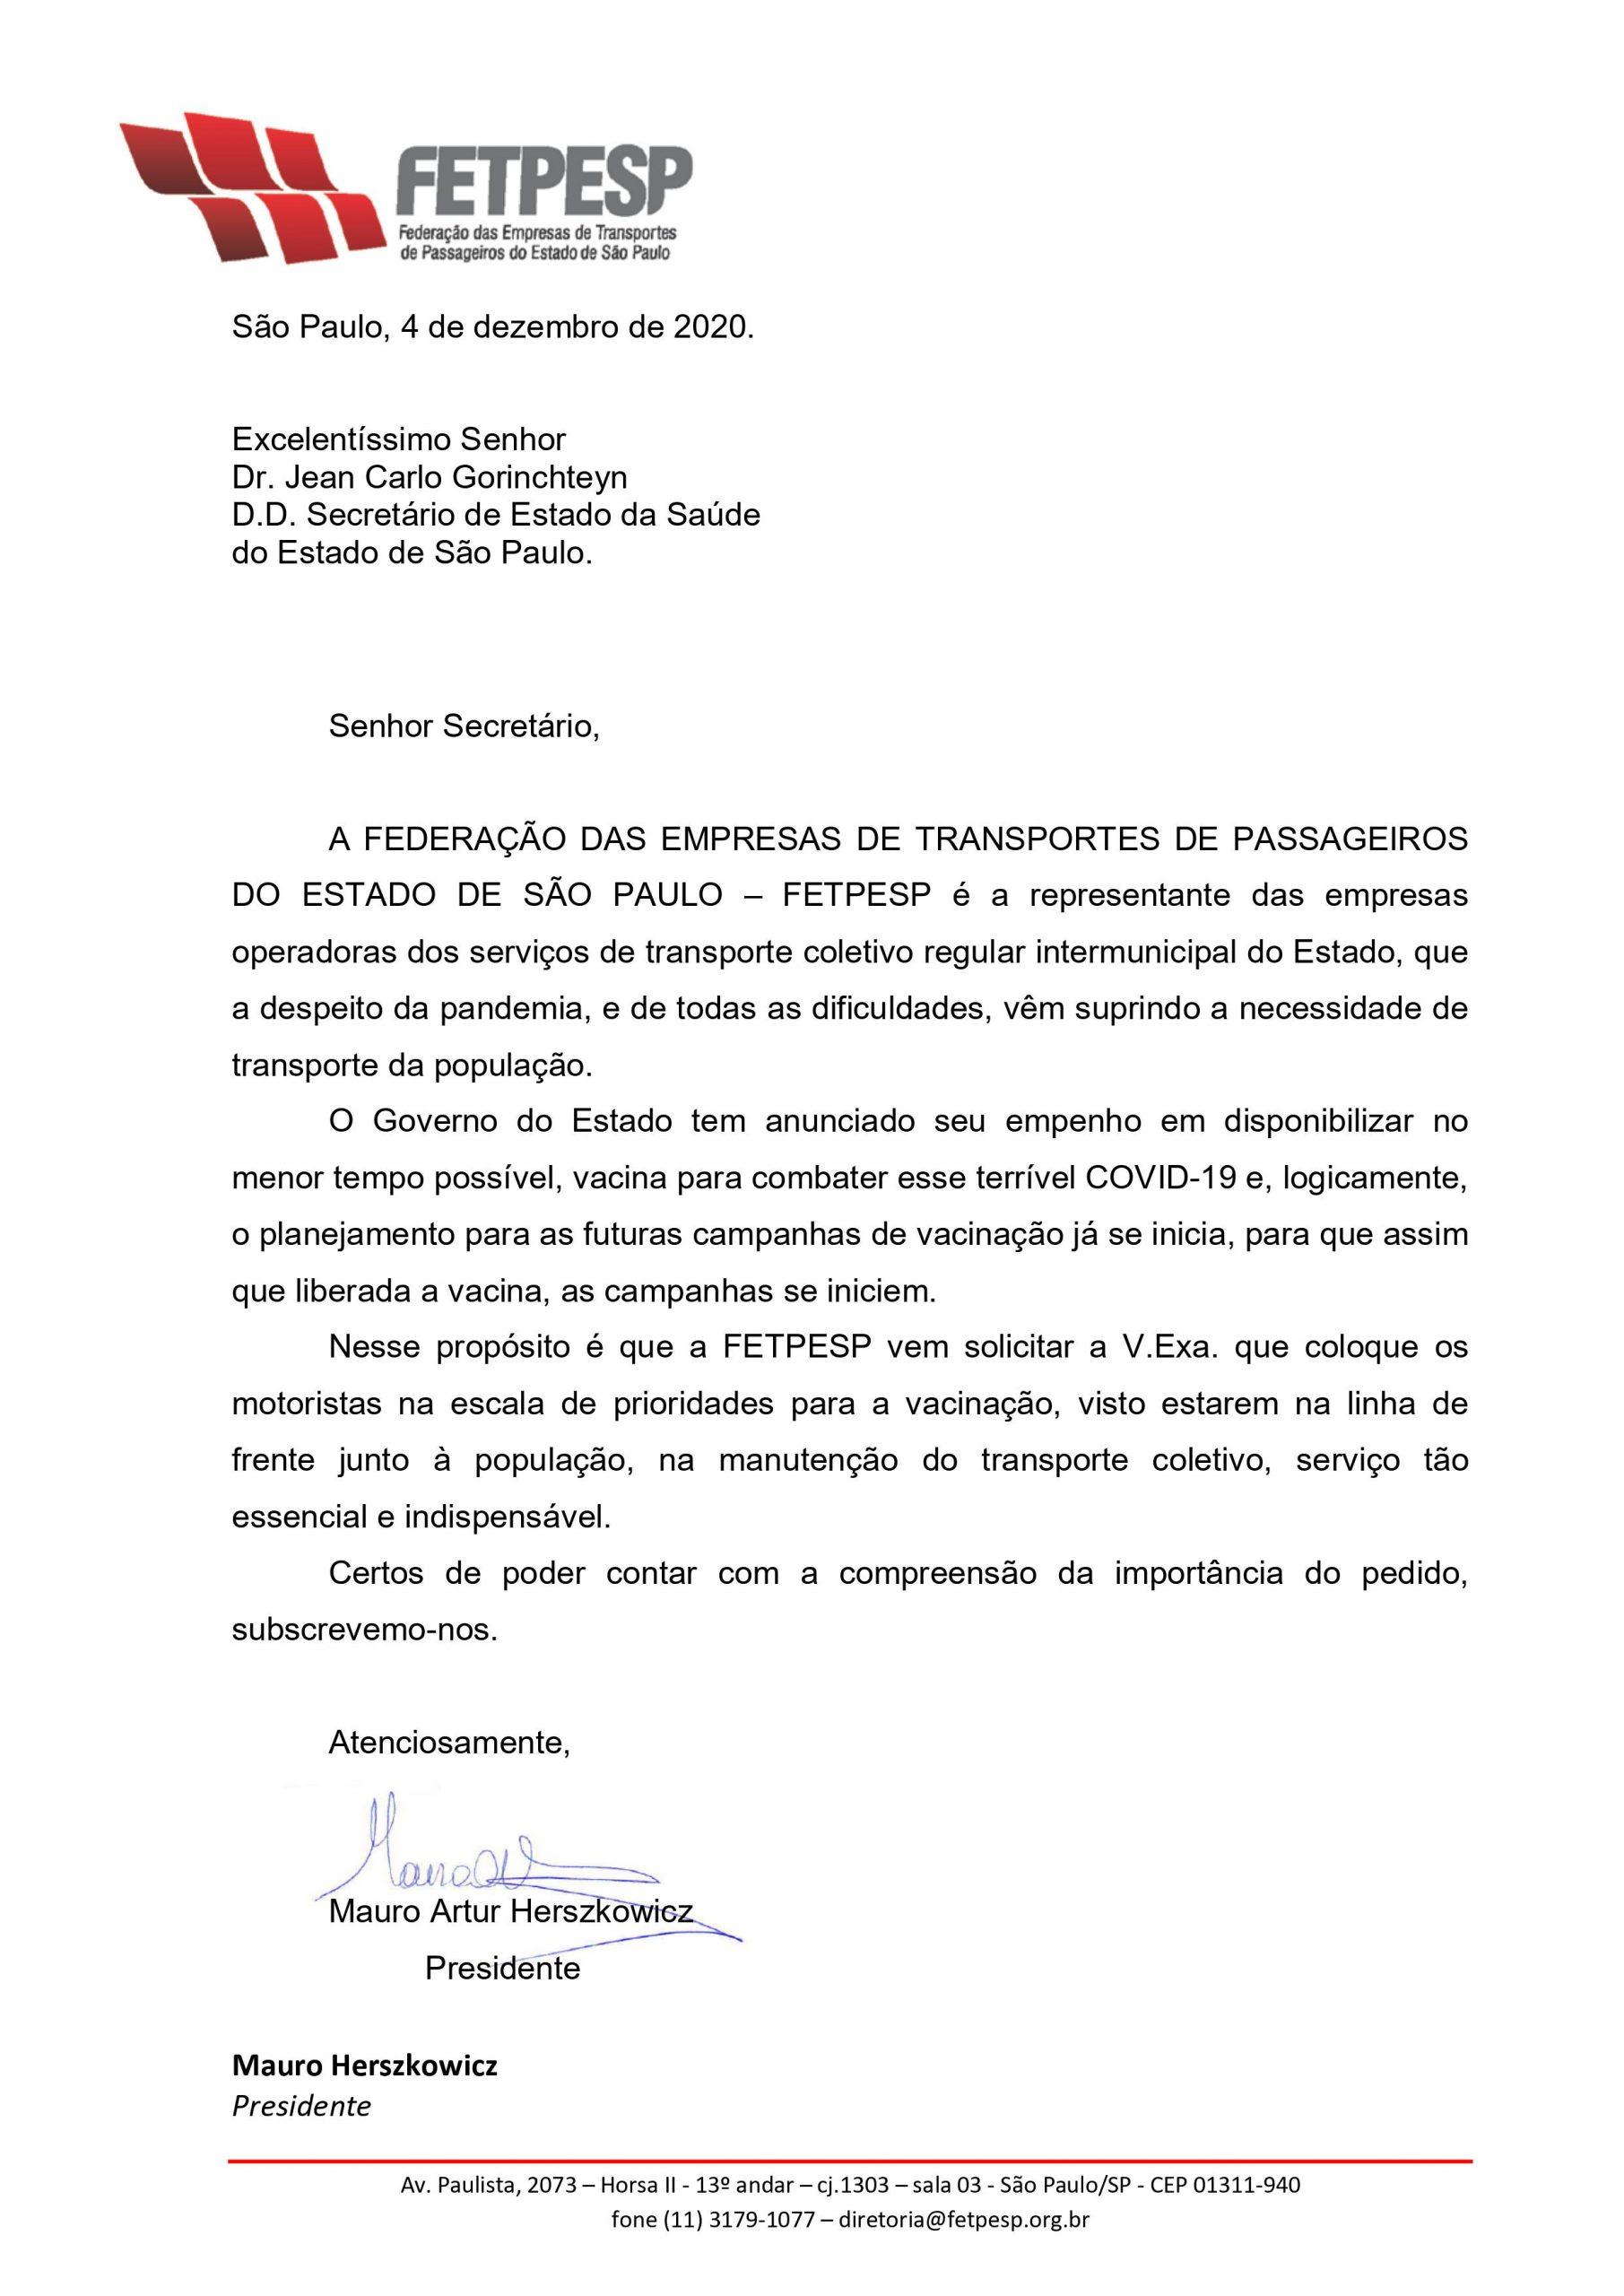 Ofício vacinação covid-19 01